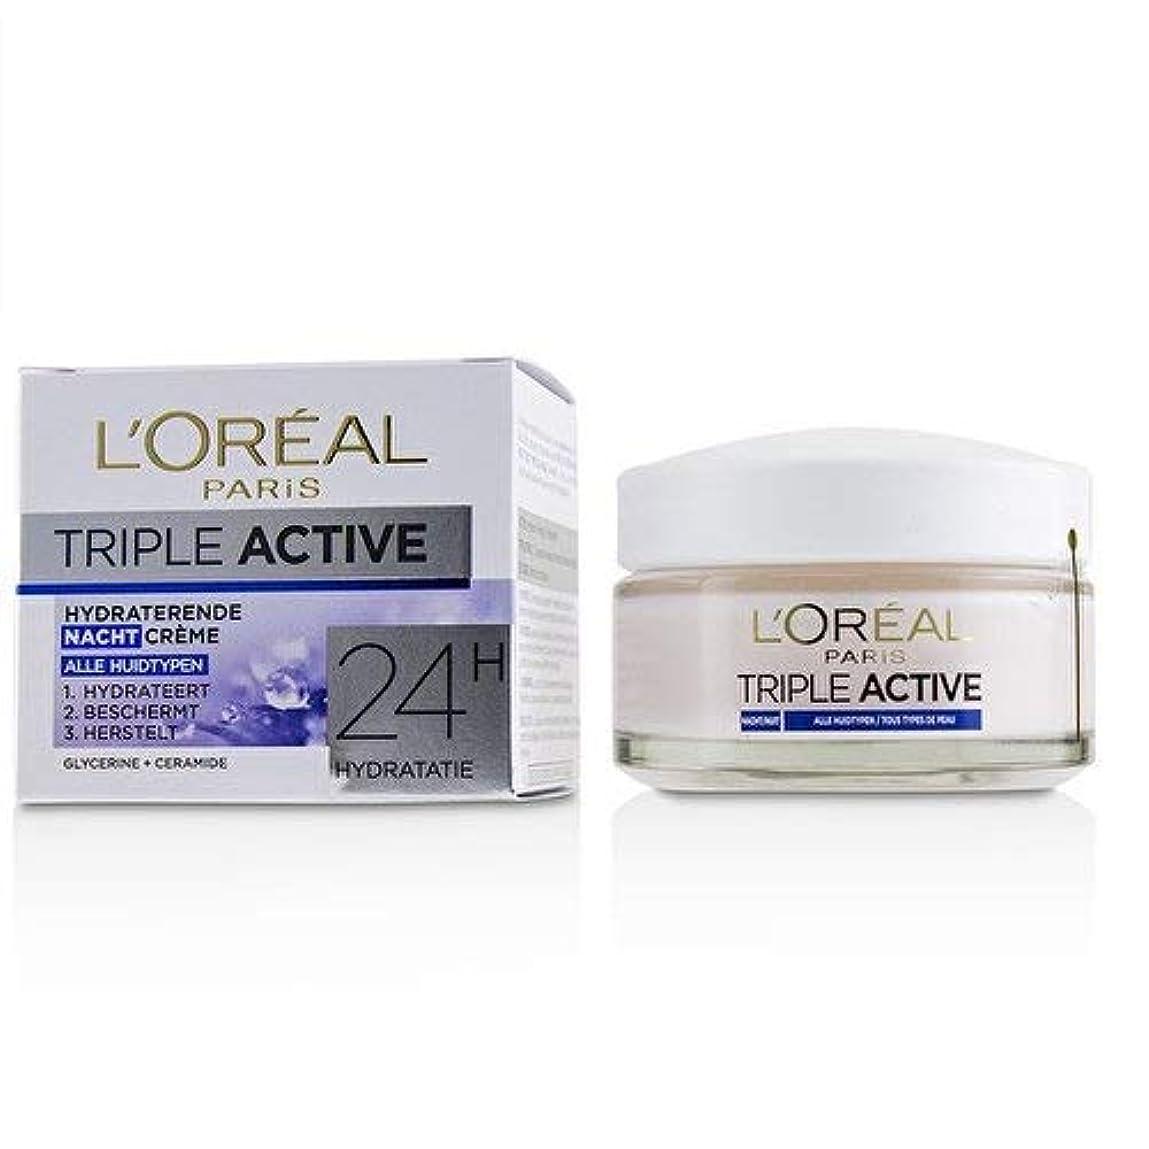 舗装ライオネルグリーンストリートファイバロレアル Triple Active Hydrating Night Cream 24H Hydration - For All Skin Types 50ml/1.7oz並行輸入品